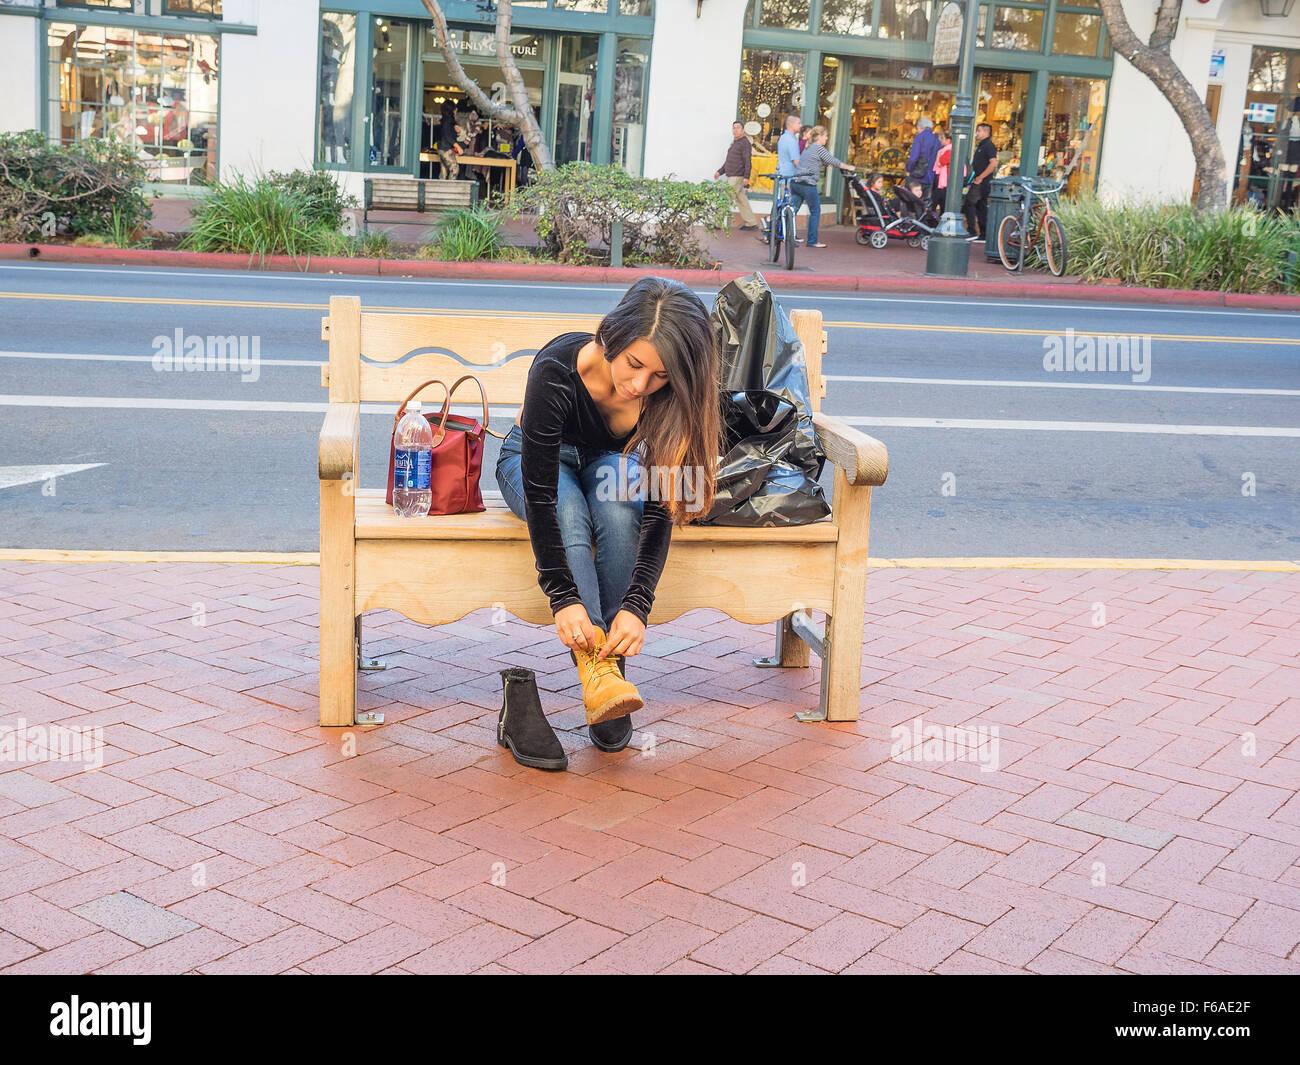 Una joven mujer adulta hispana los cambios en el calzado nuevo que acaba de comprar en un banco público en Imagen De Stock